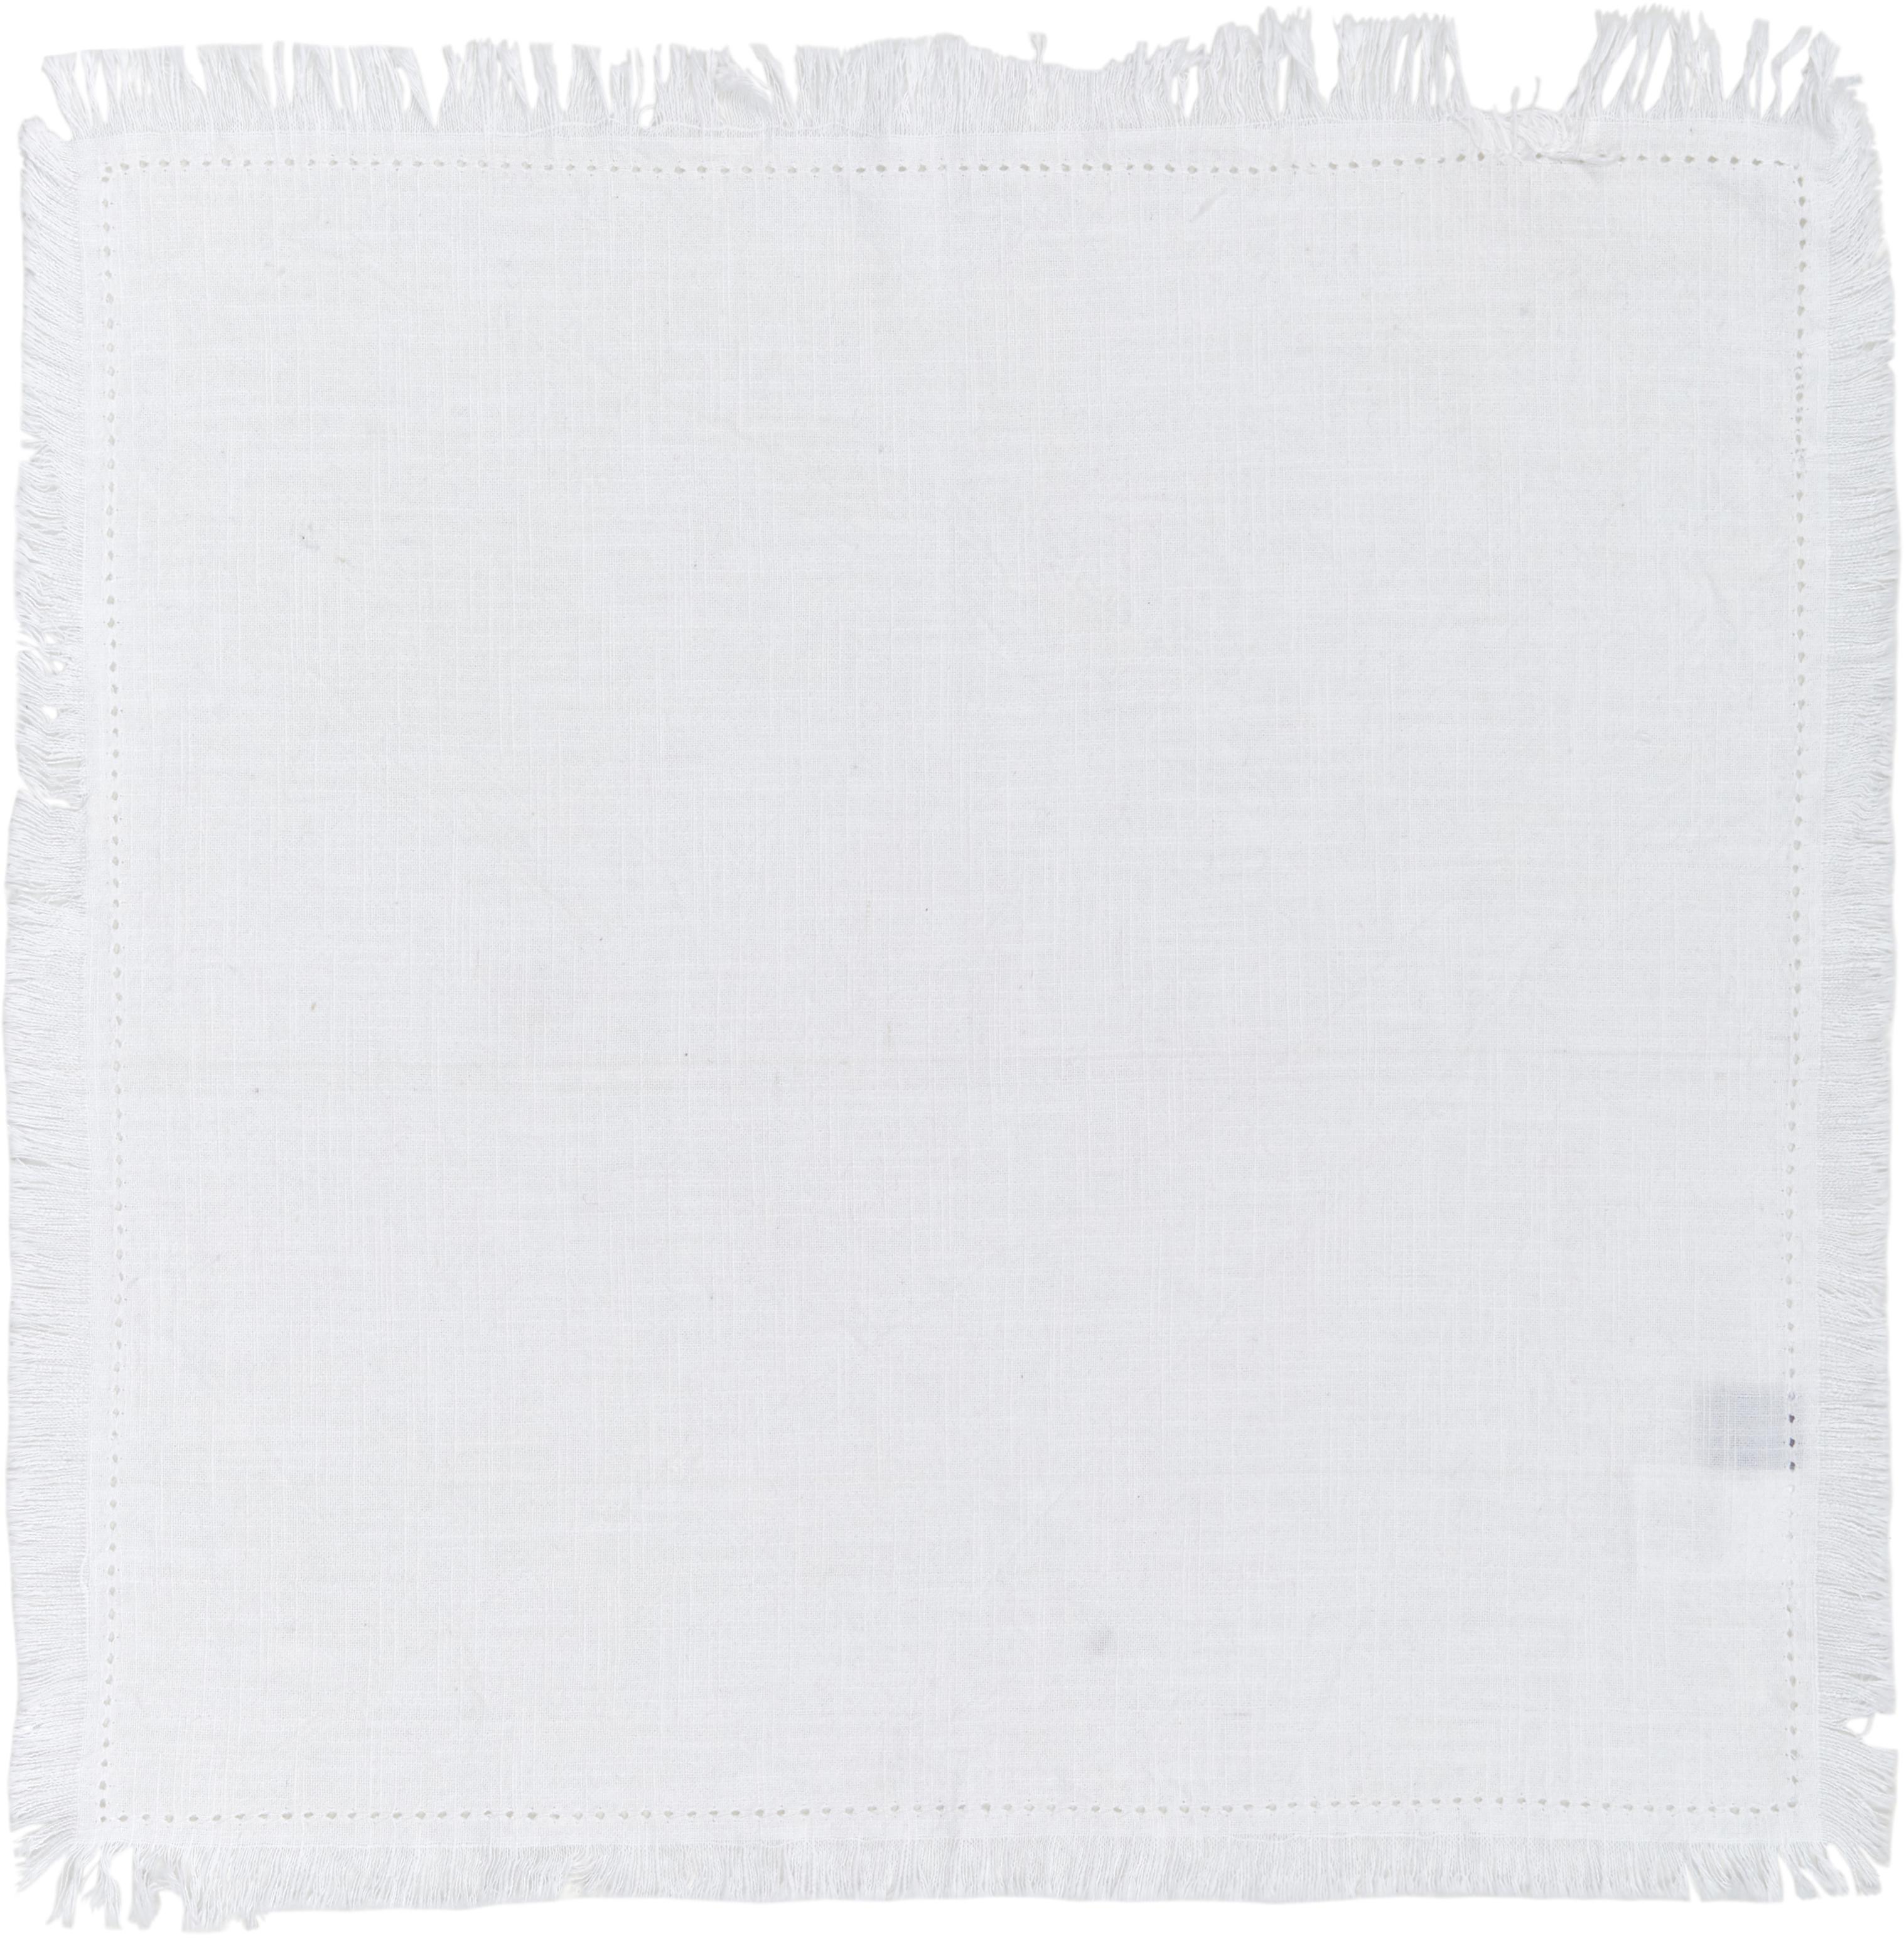 Serwetka z bawełny z frędzlami Hilma, 2 szt., Bawełna, Biały, S 45 cm x D 45 cm